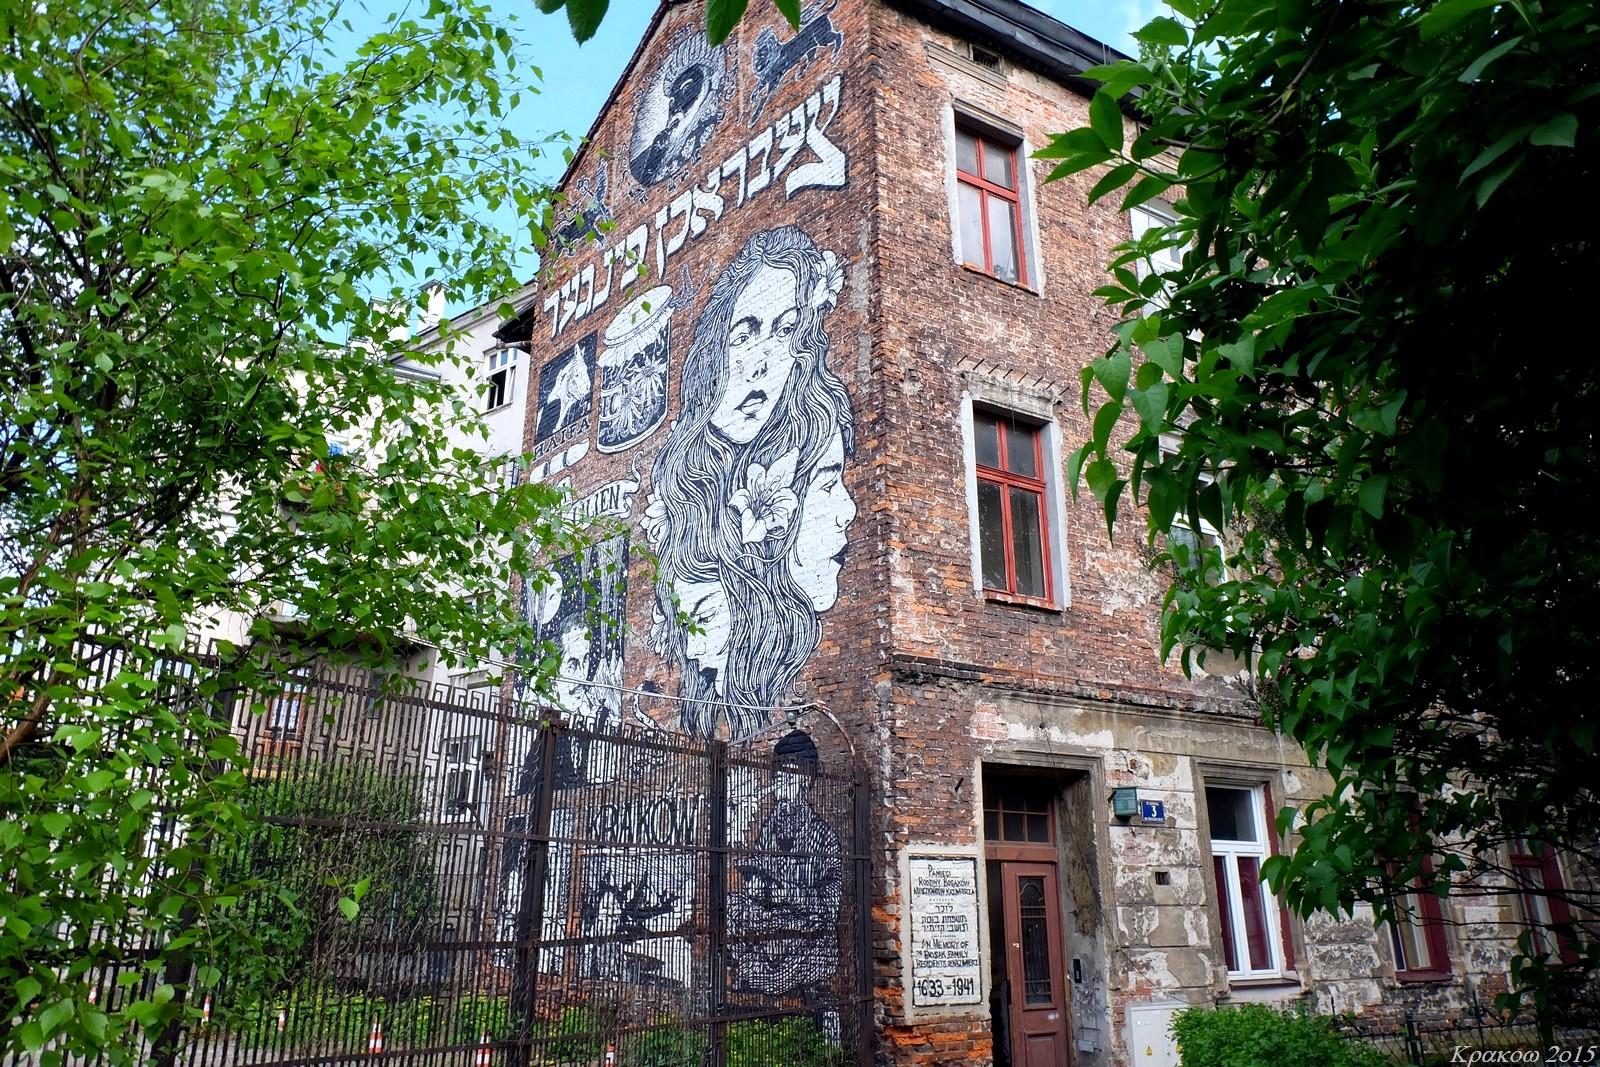 Kazimierz, Krakow, Poland